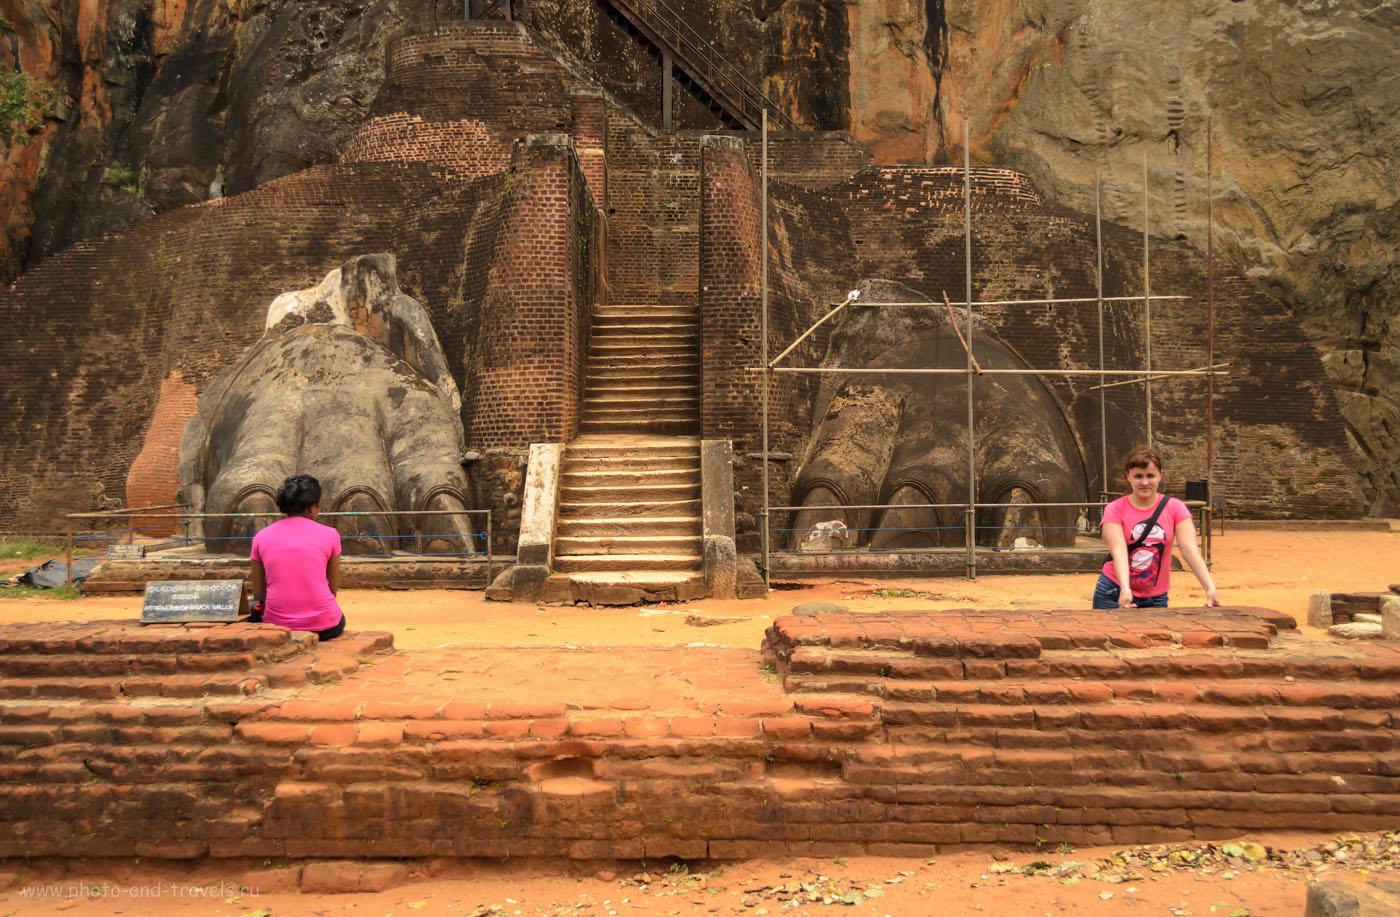 Фото 10. Вот за эти лапы и назвали гору «Сигирия» (Sigiriya или Sinhagiri), что переводится с сингальского языка, как Львиная скала. Стоит ли ехать на экскурсию? 1/2500, 5.0, 640, 24.